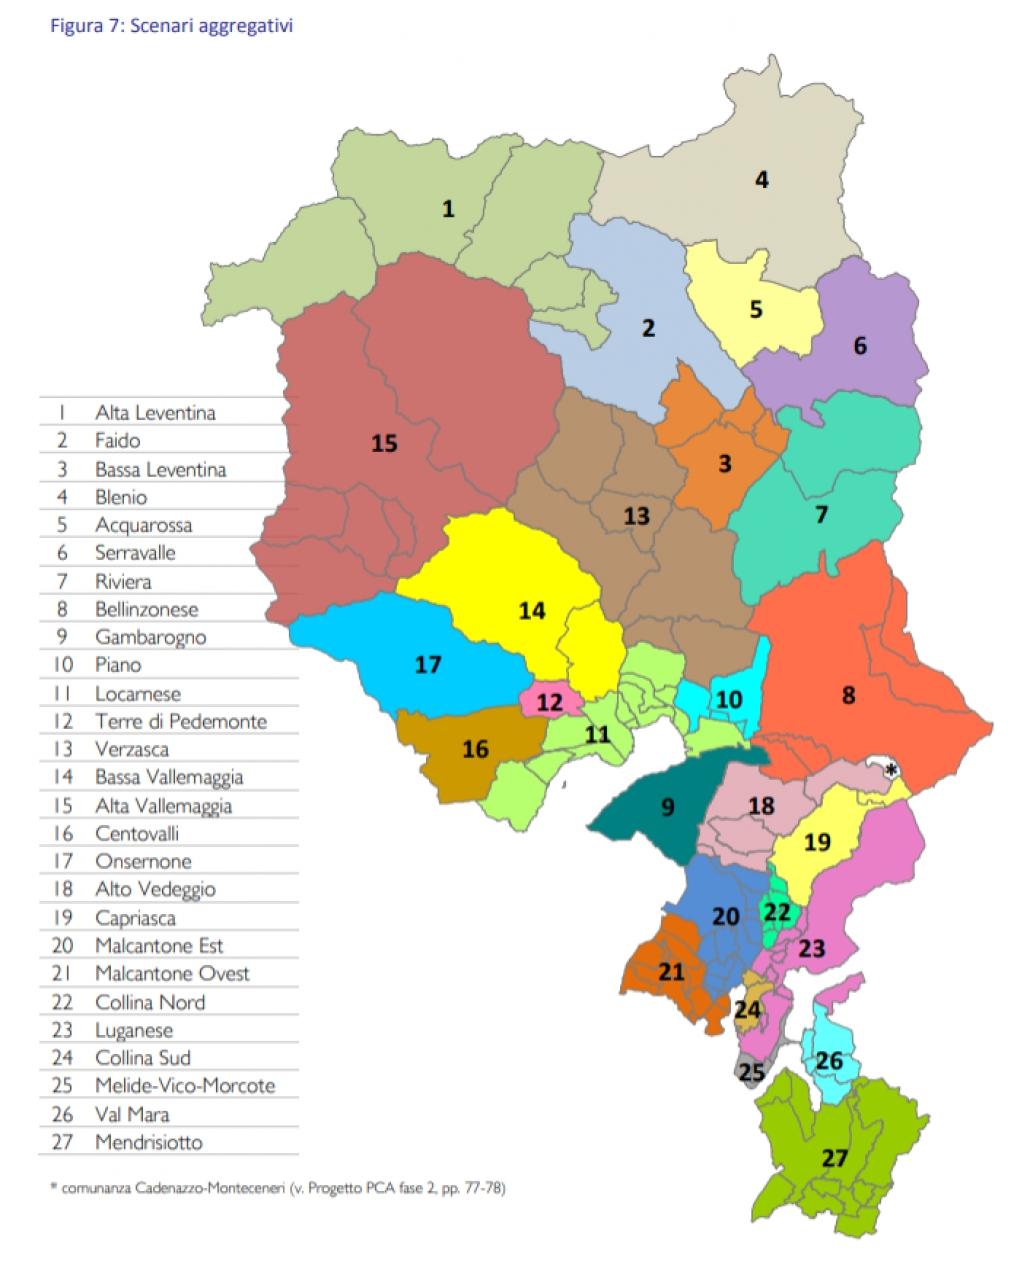 Cartina Ticino Svizzera.Il Ticino Del Futuro Avra Solo 27 Comuni Ticinonline